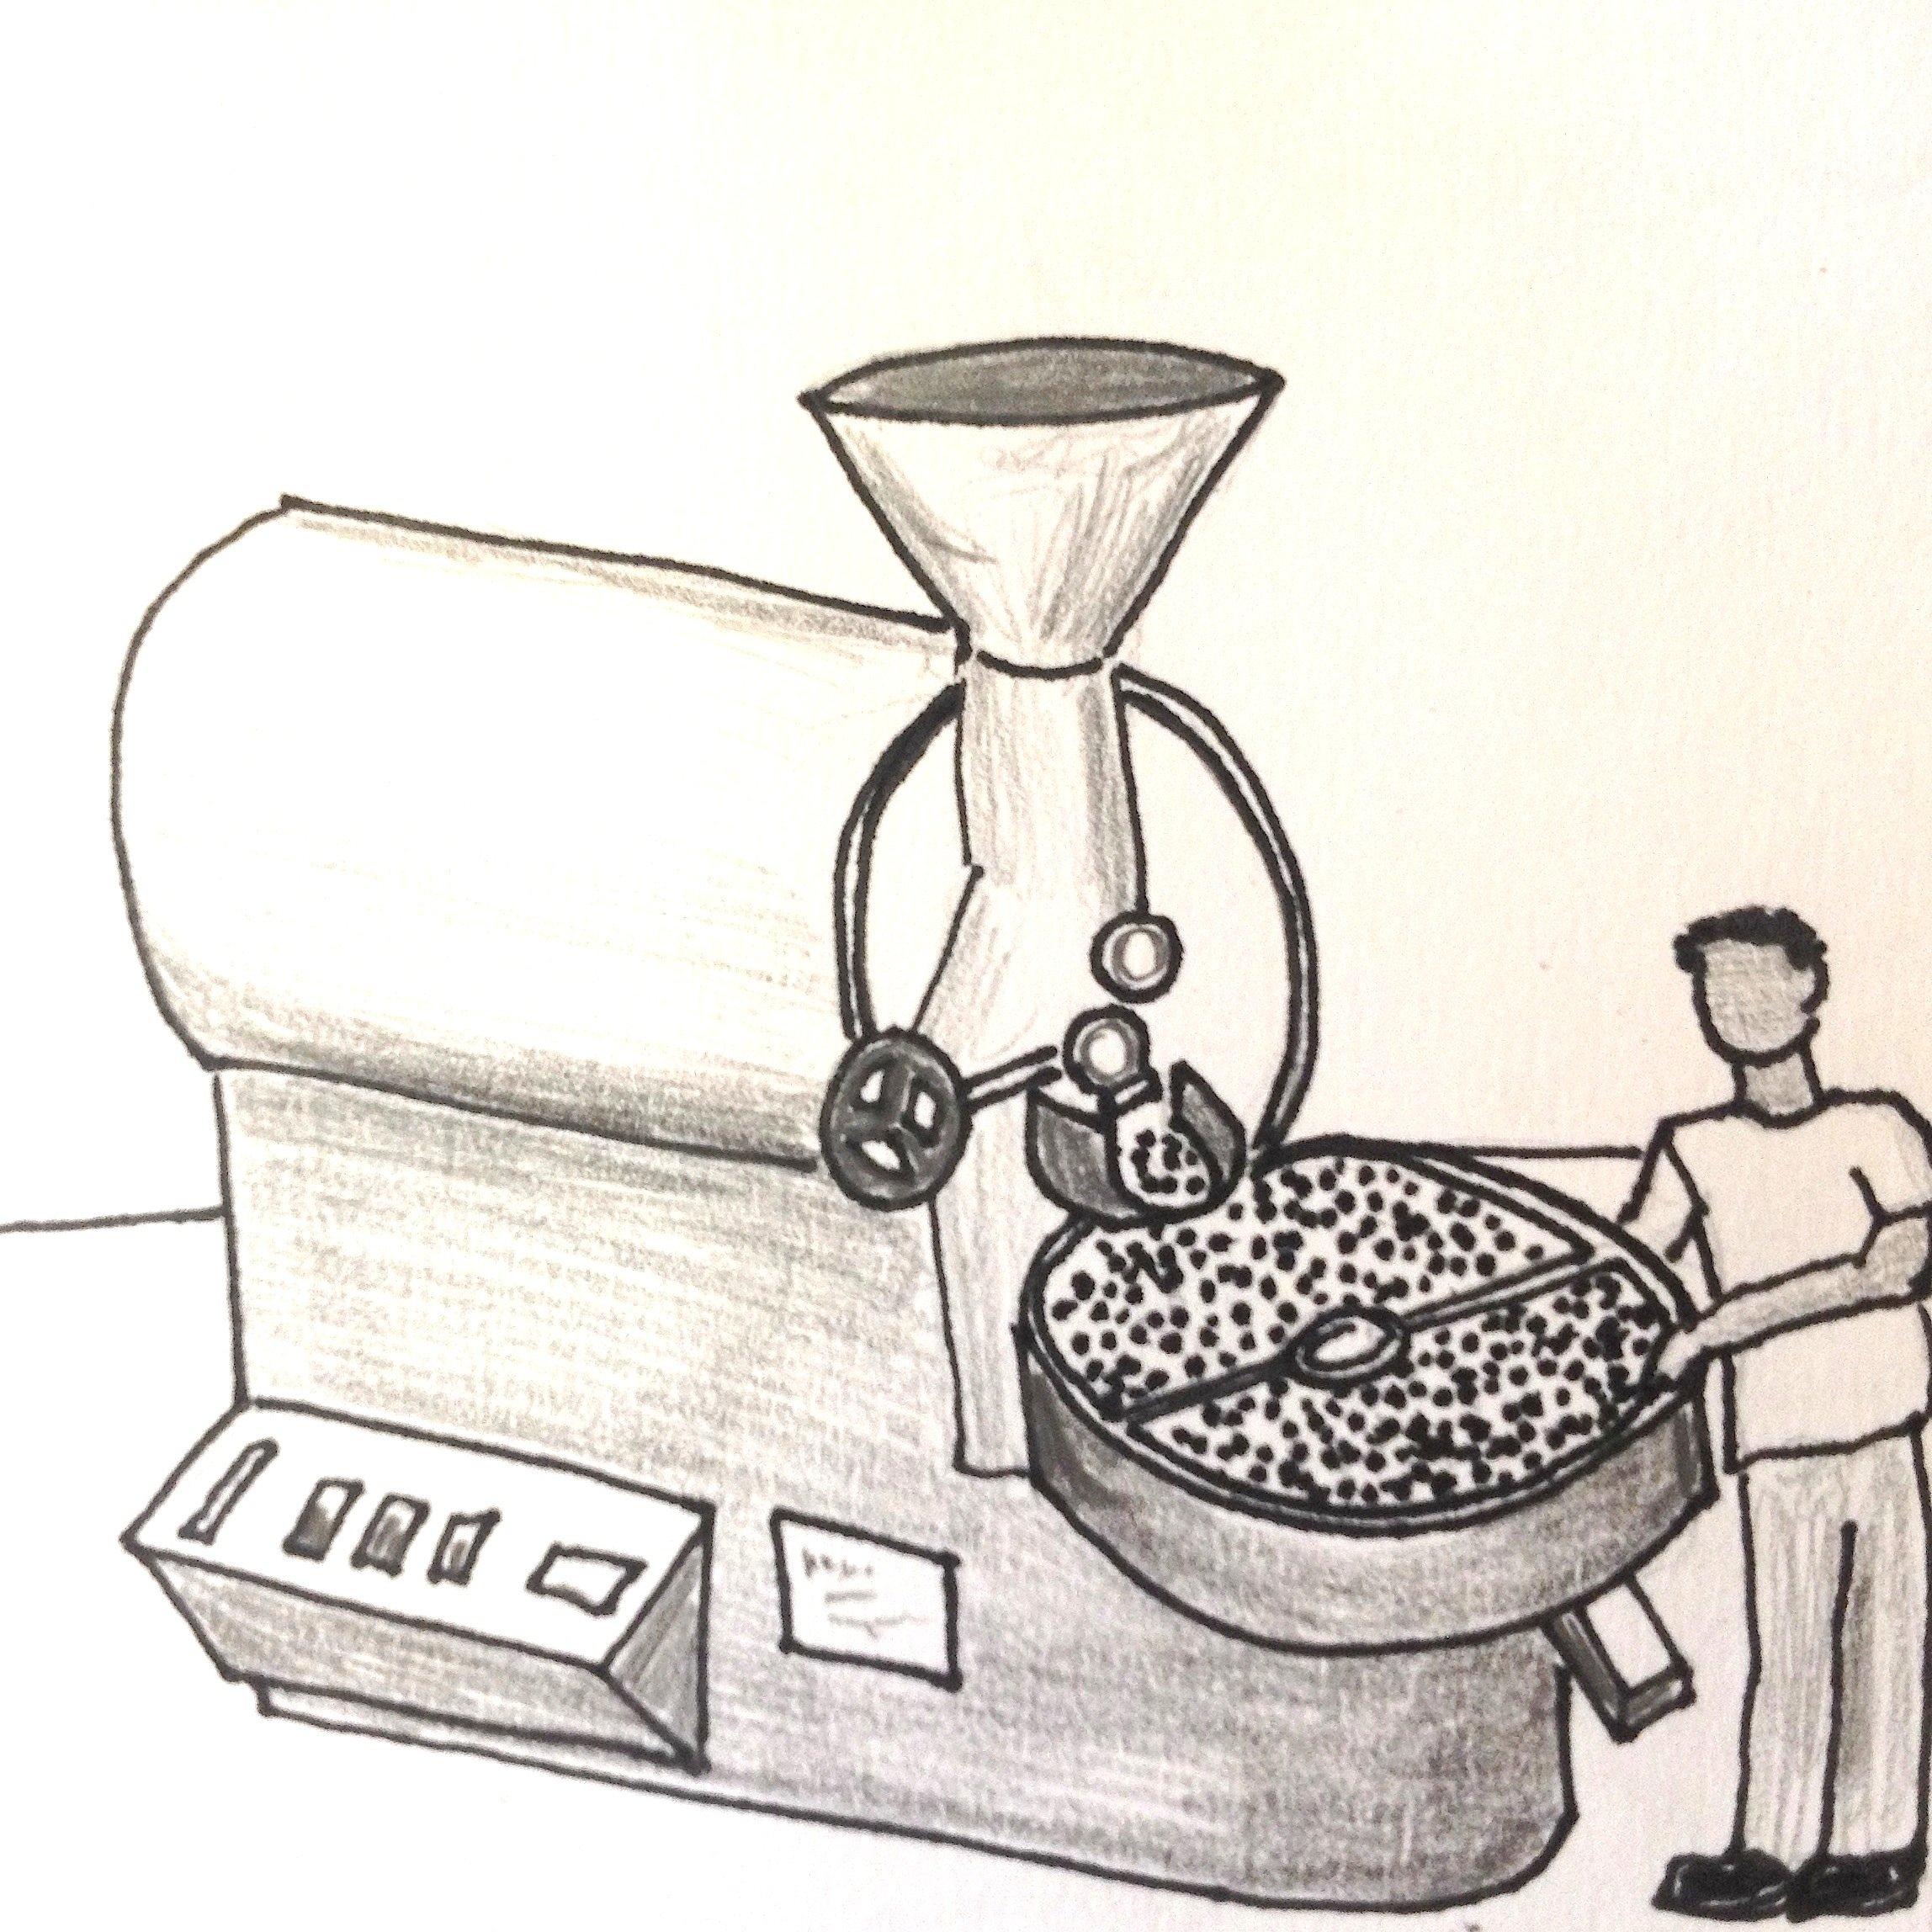 We are always freshly roasting coffee.